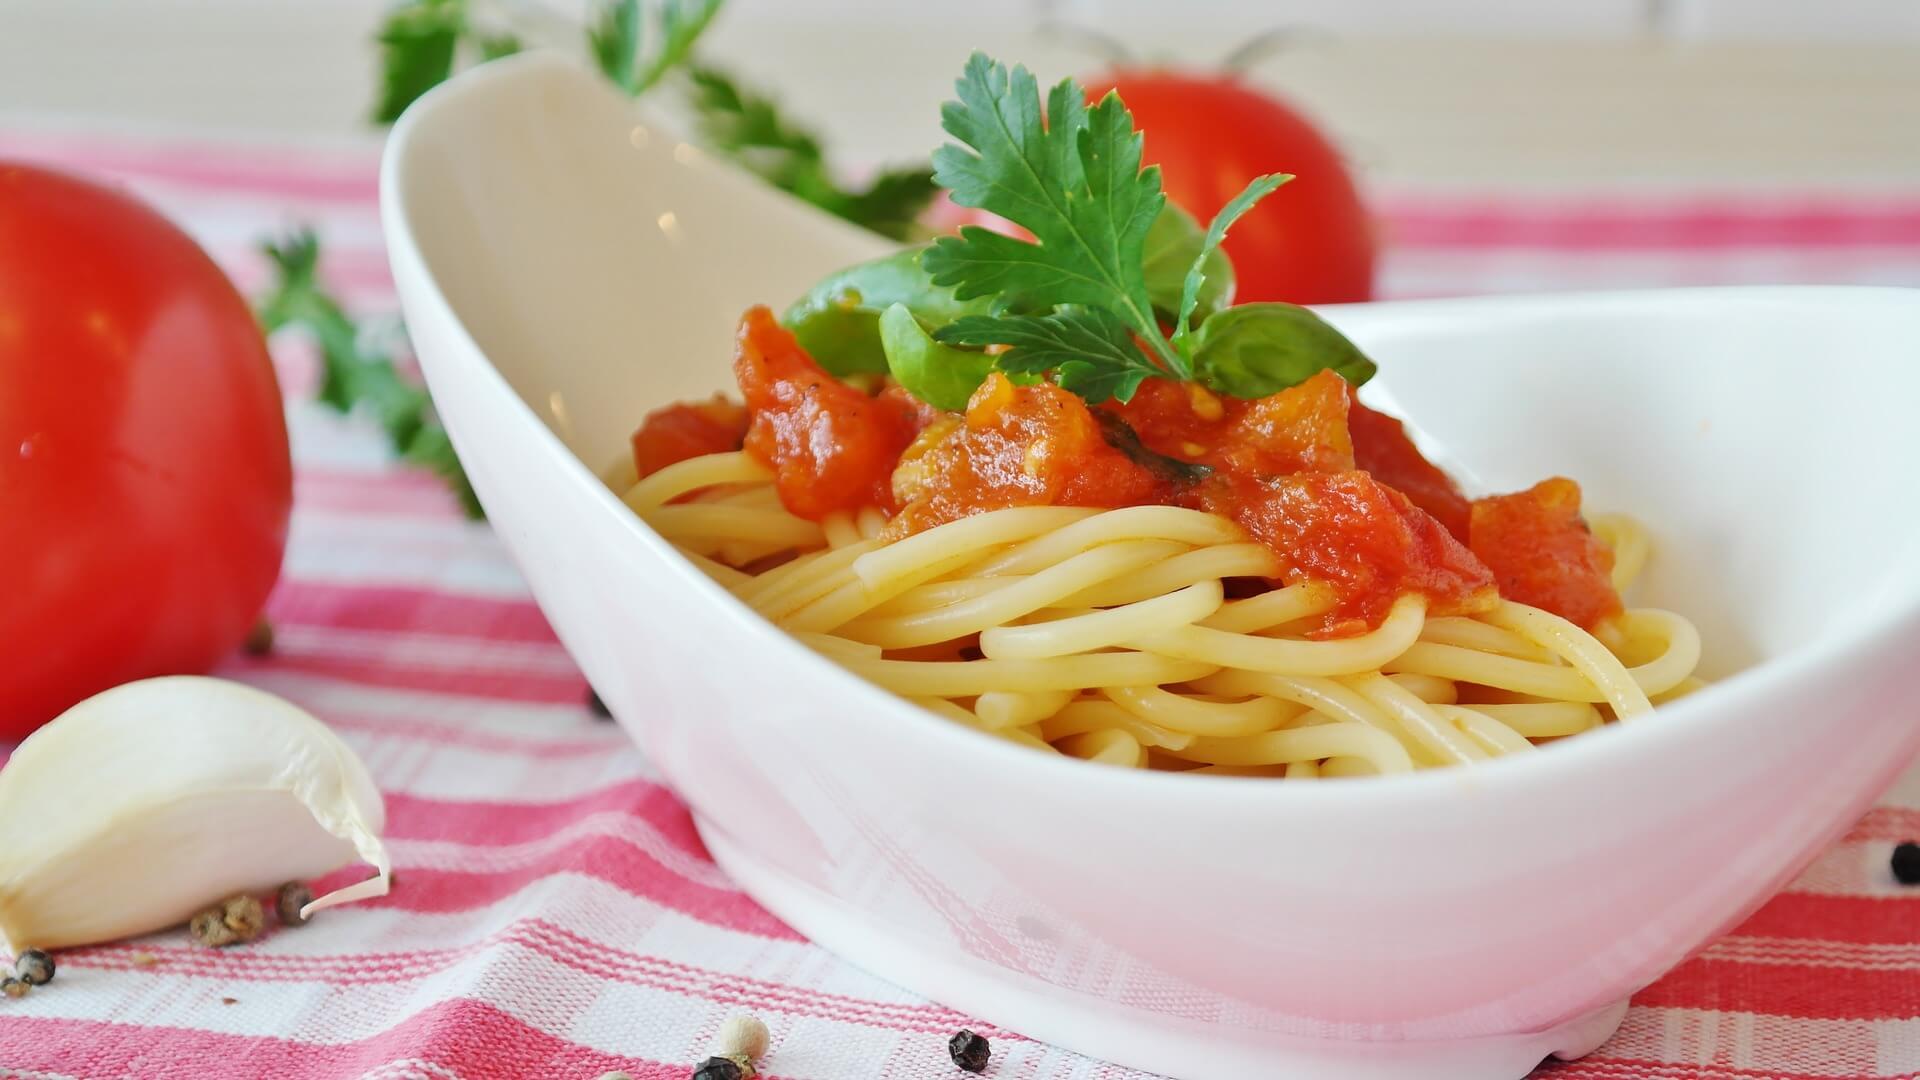 spaghetti-1392266_1920.jpg